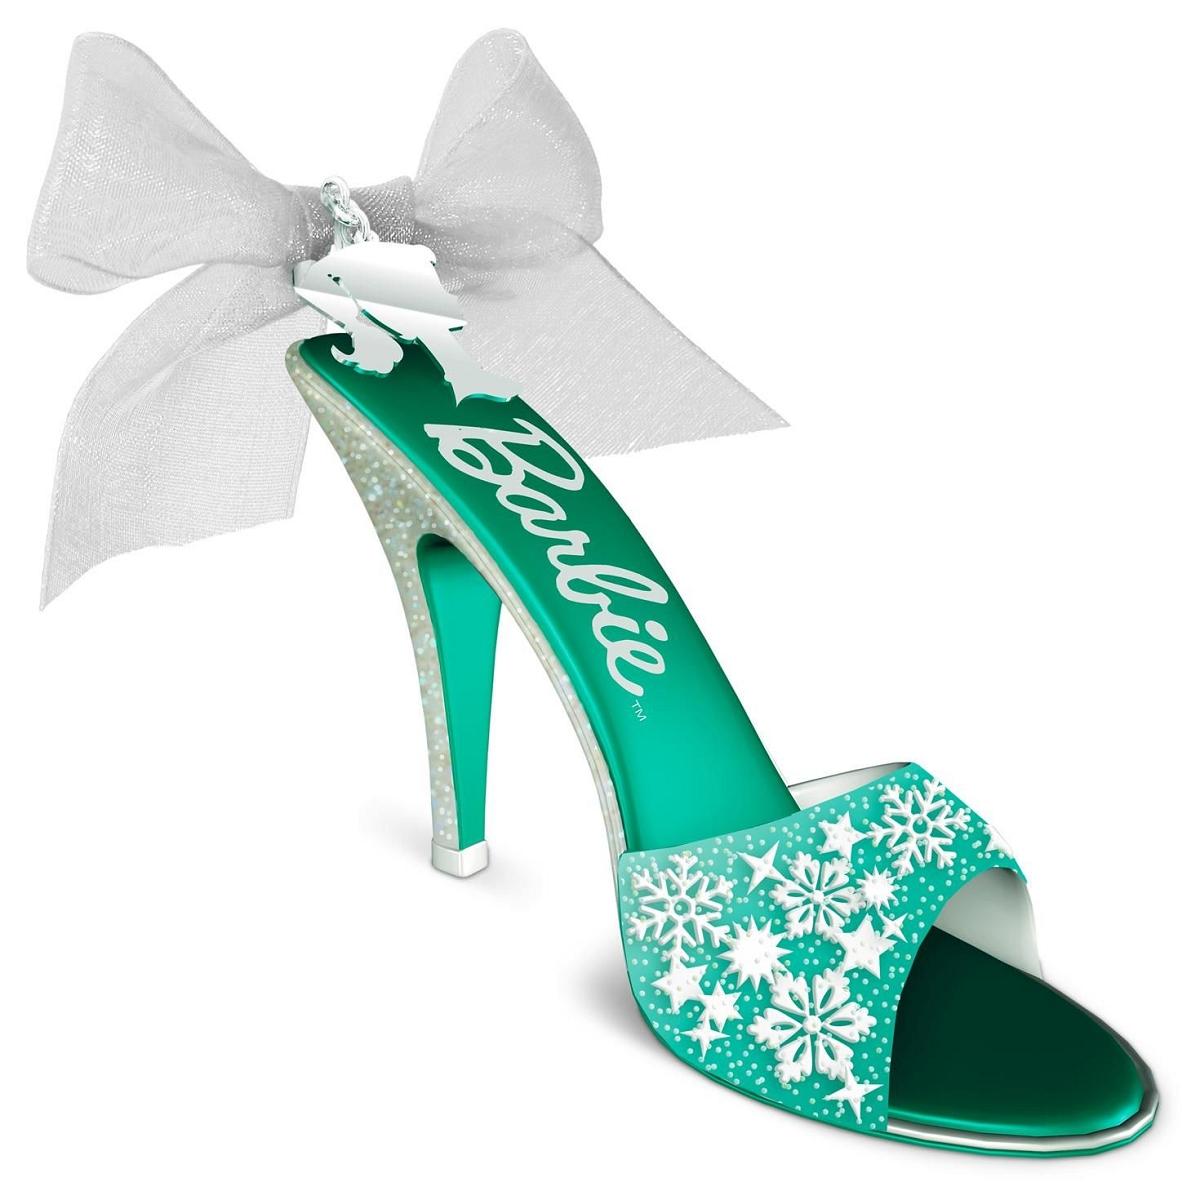 2016 Barbie Shoe Sational Hallmark Keepsake Ornament